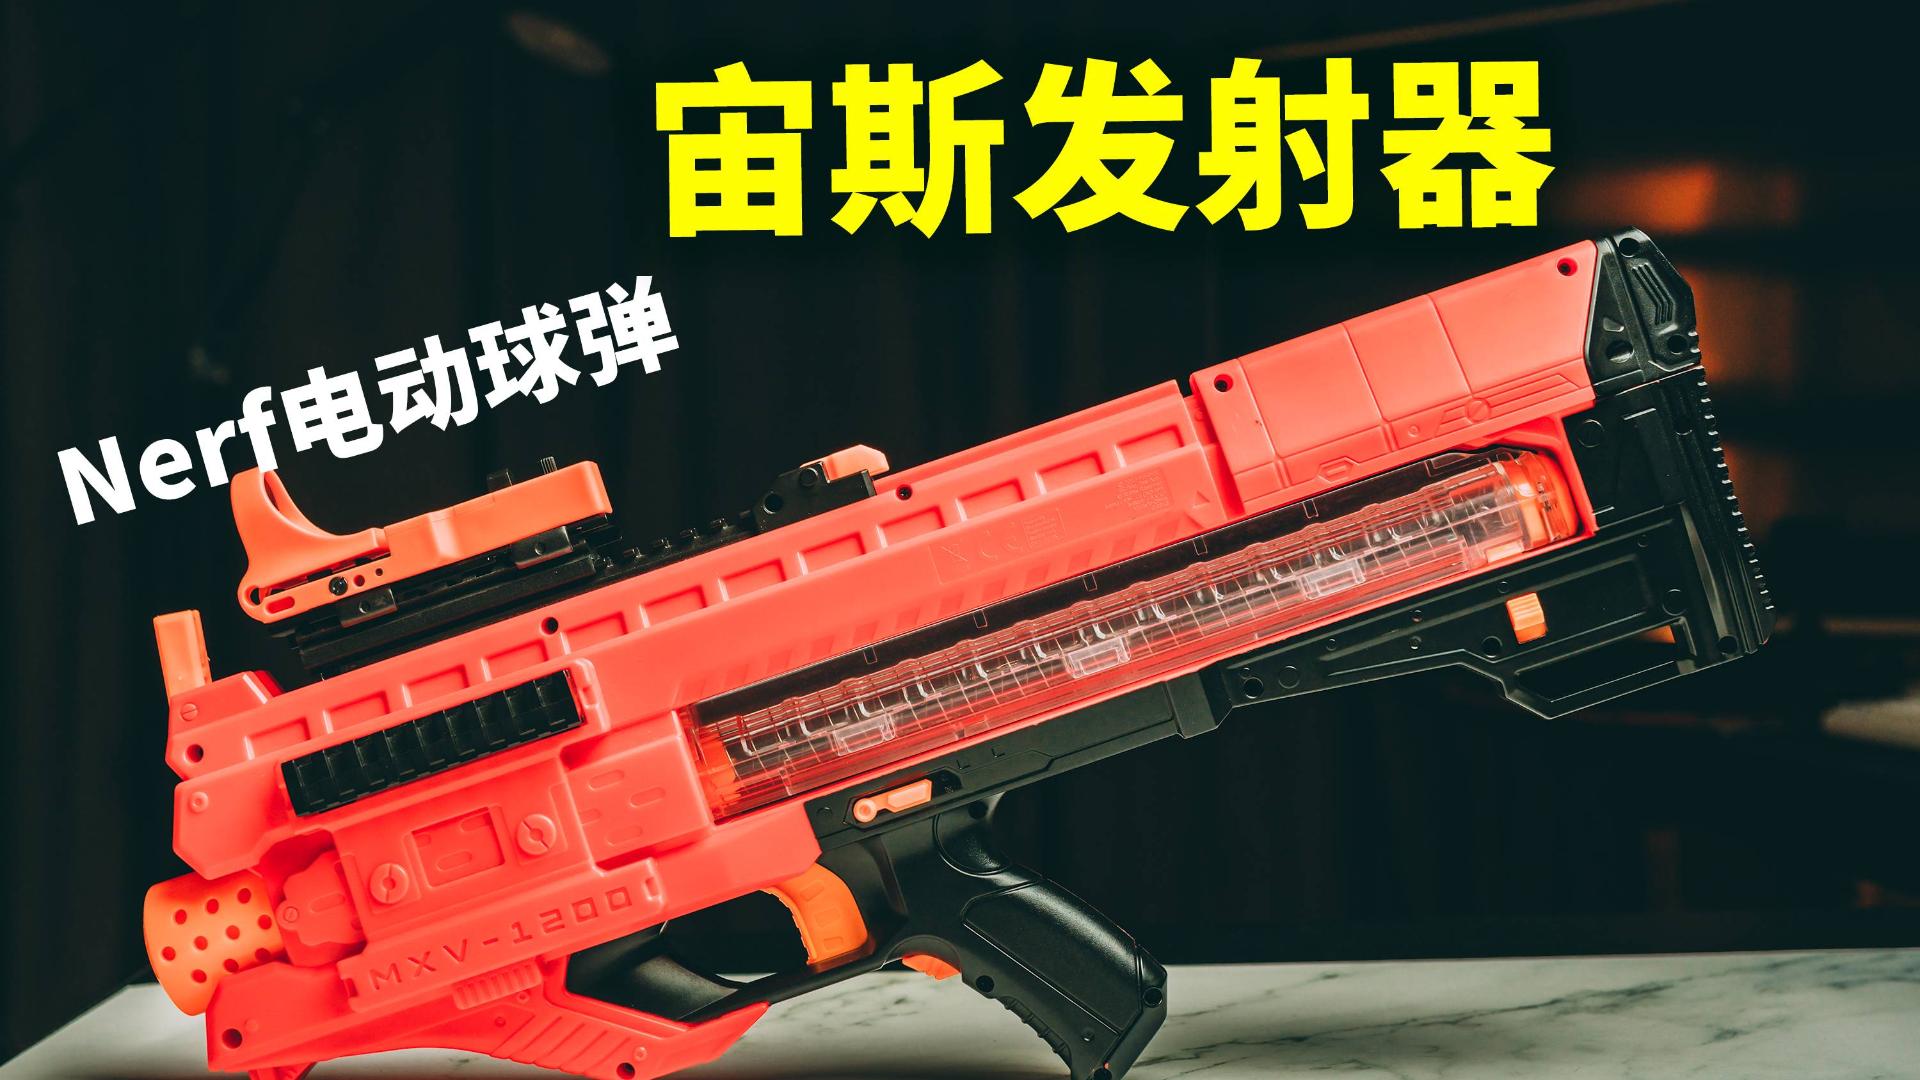 【乃】150元收了套二手Nerf,萌新入坑省心首选